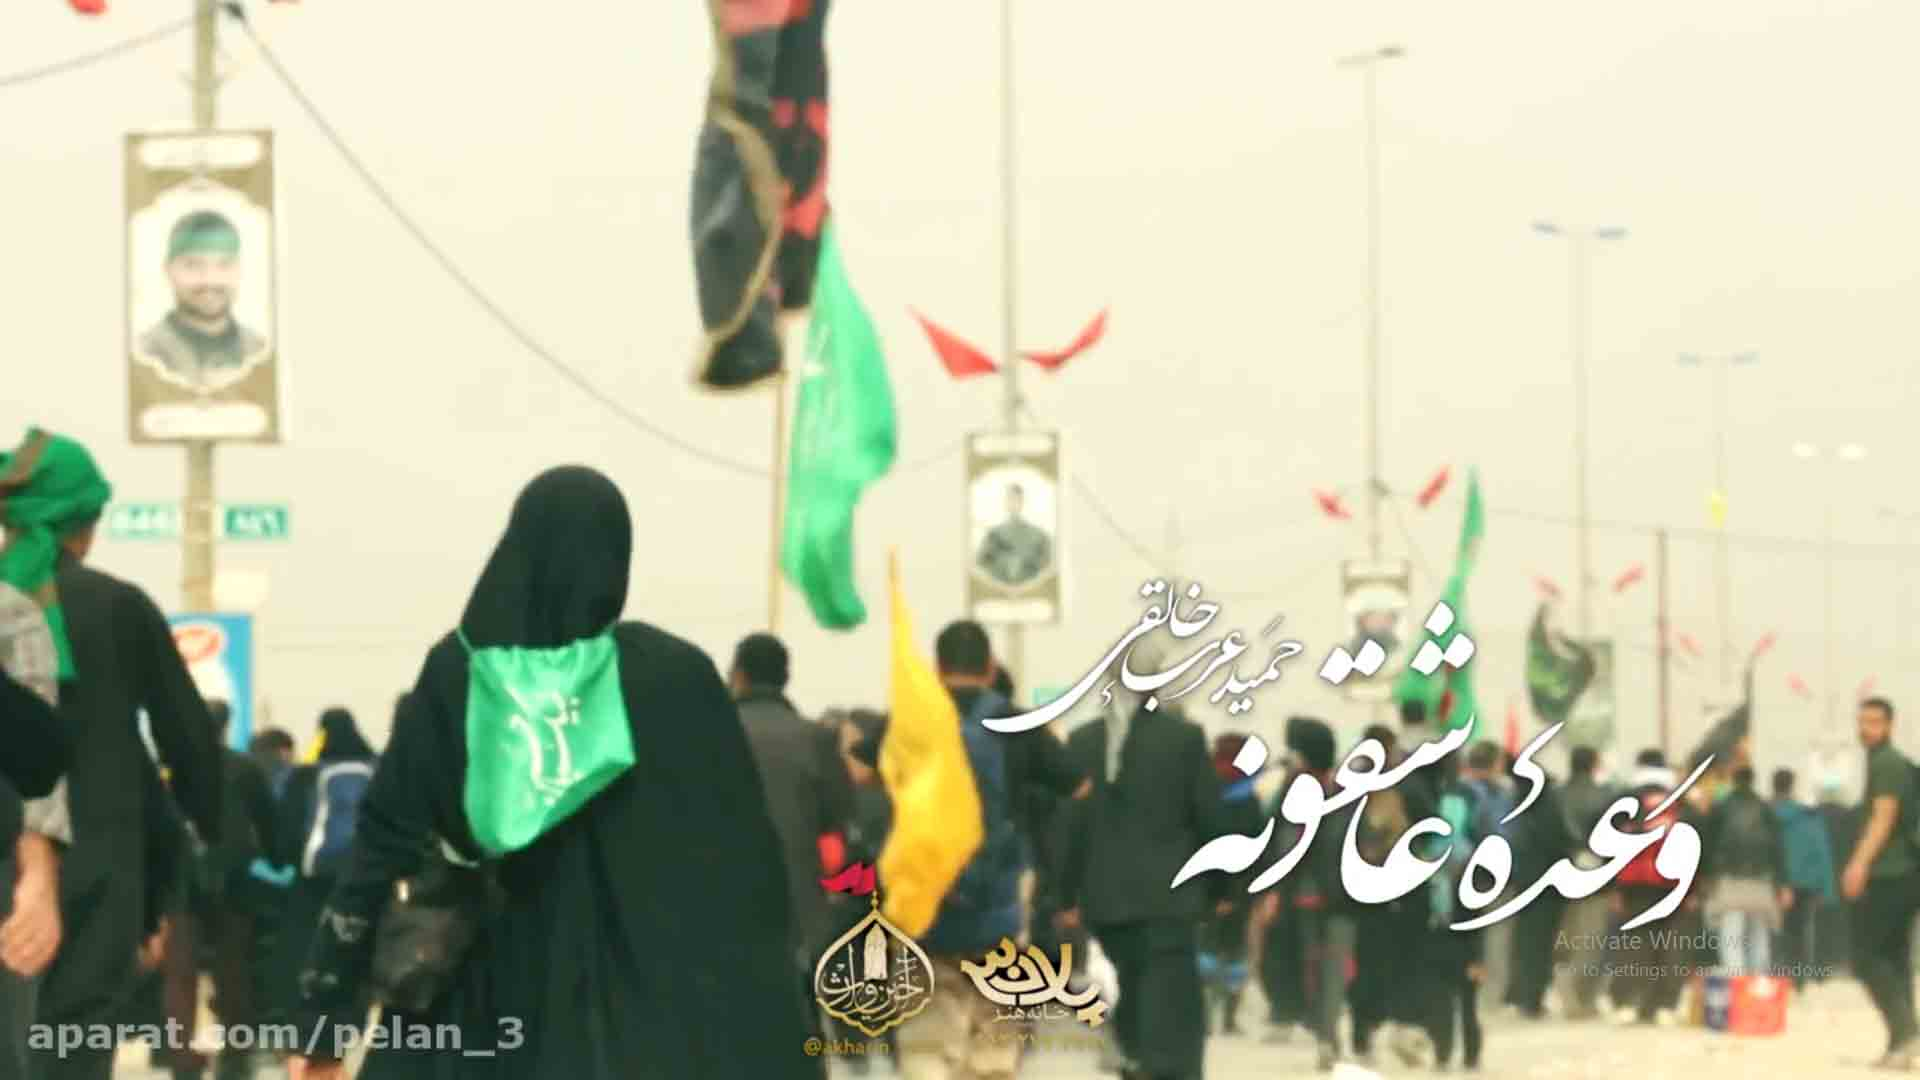 وعده عاشقونه حمید عرب خالقی